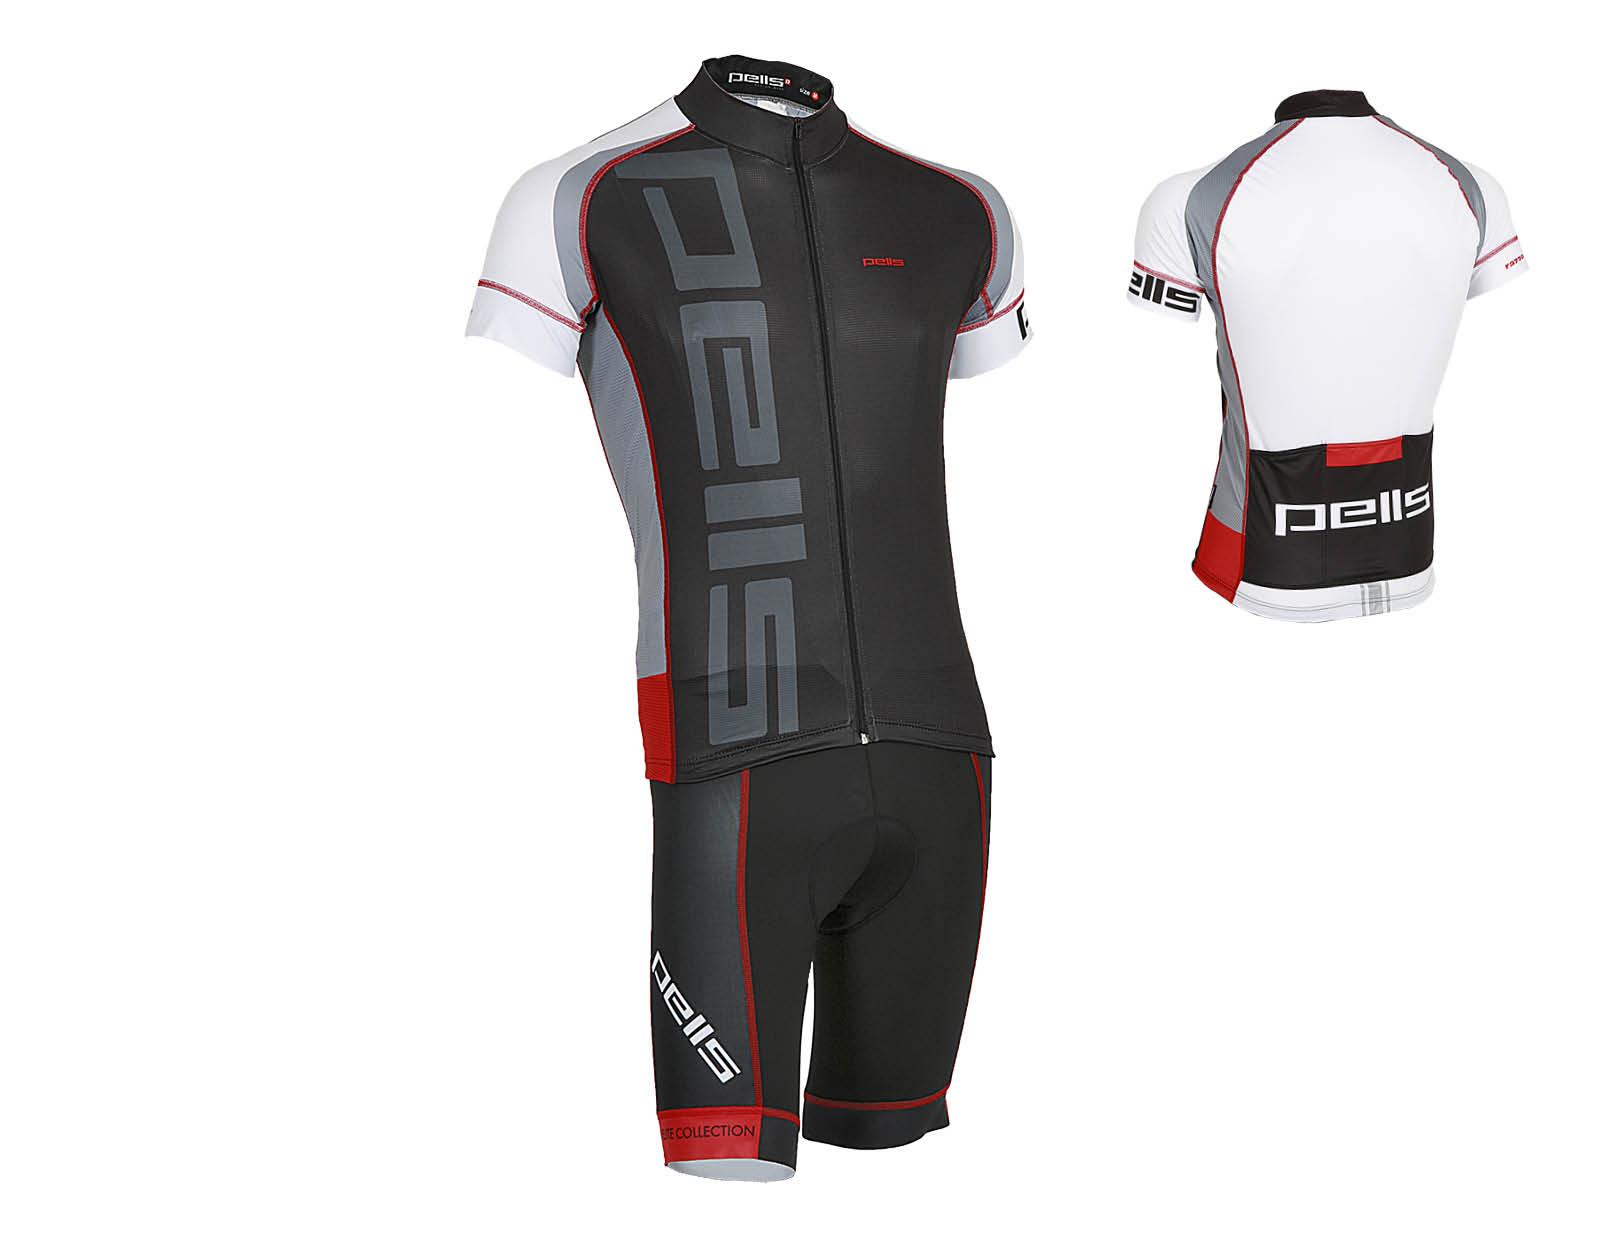 Pánský dres PELL'S RAZZER, vel. XL, červená, krátký rukáv (Pánský cyklistický dres PELL'S, vel. XL, krátký rukáv, barva červená dle vyobrazení!)